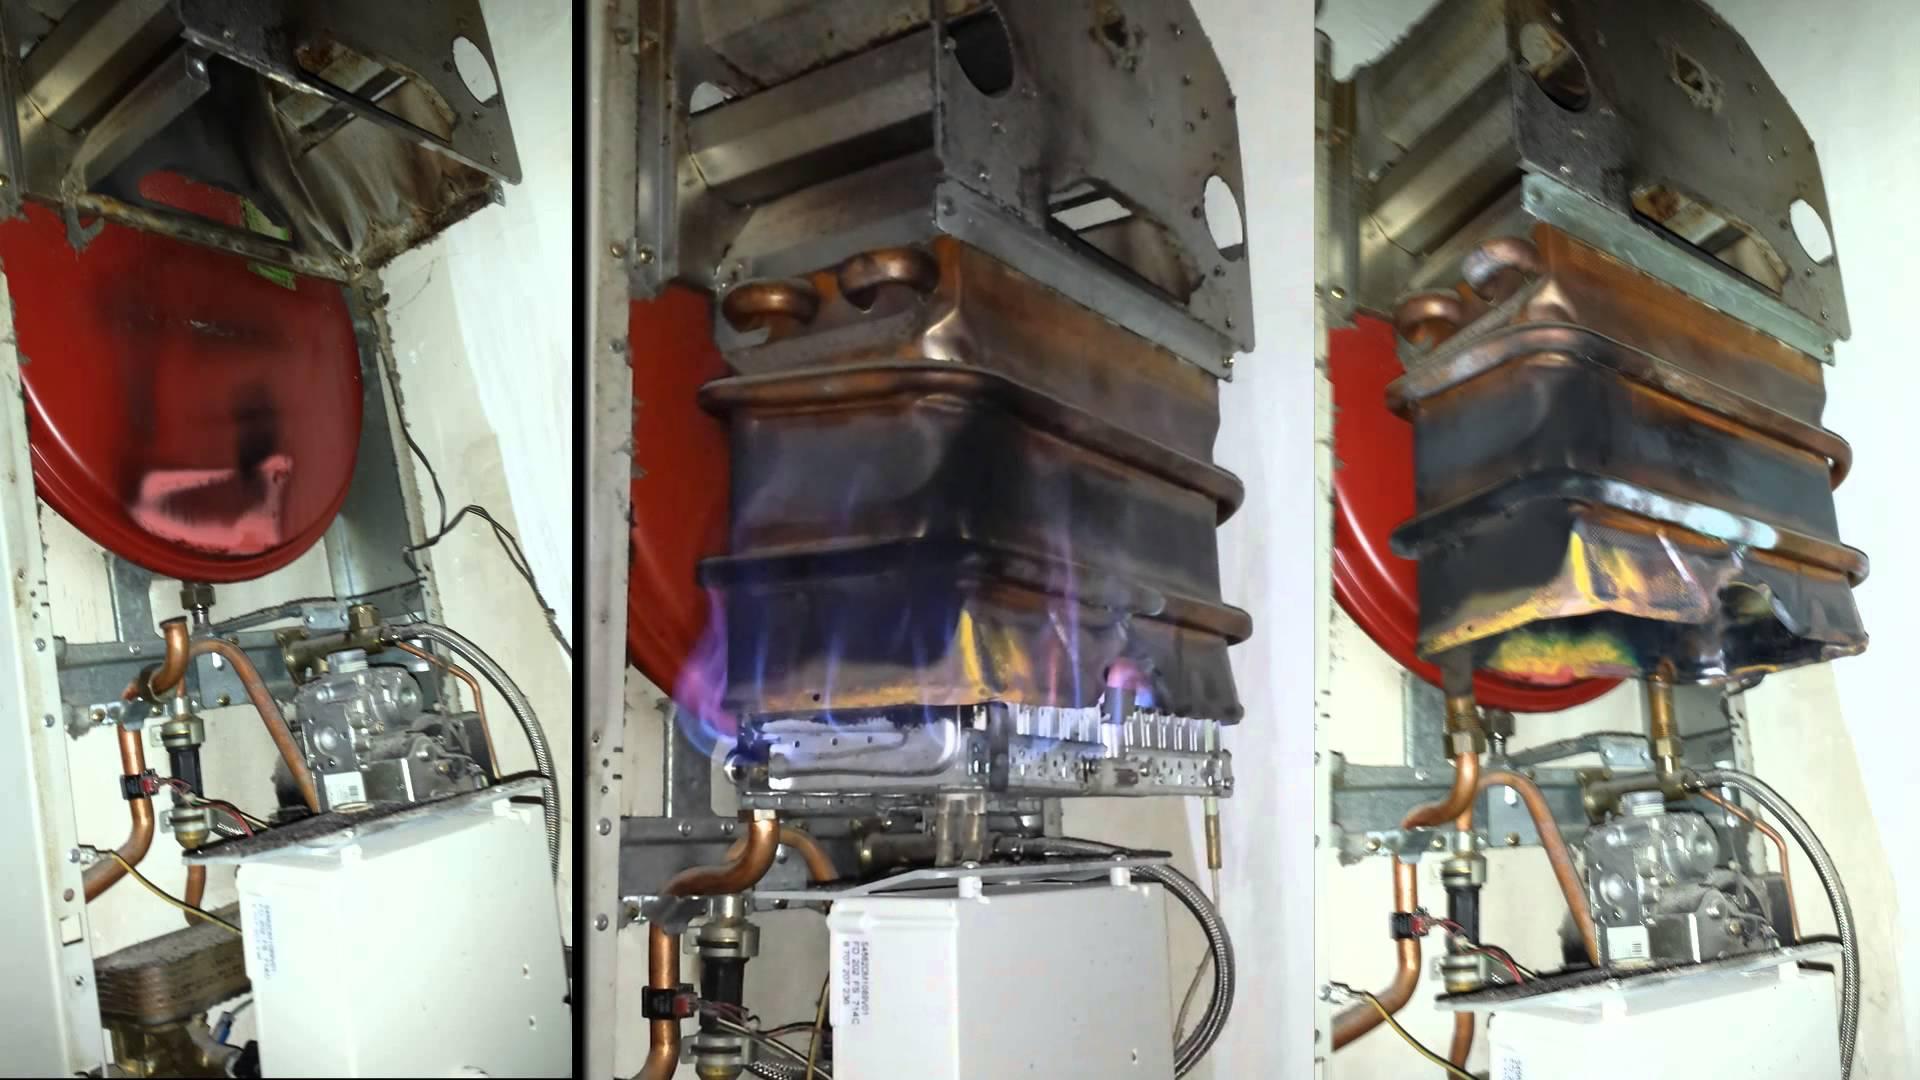 Почему тухнет газовый котел: что делать, если гаснет фитиль - основные причины